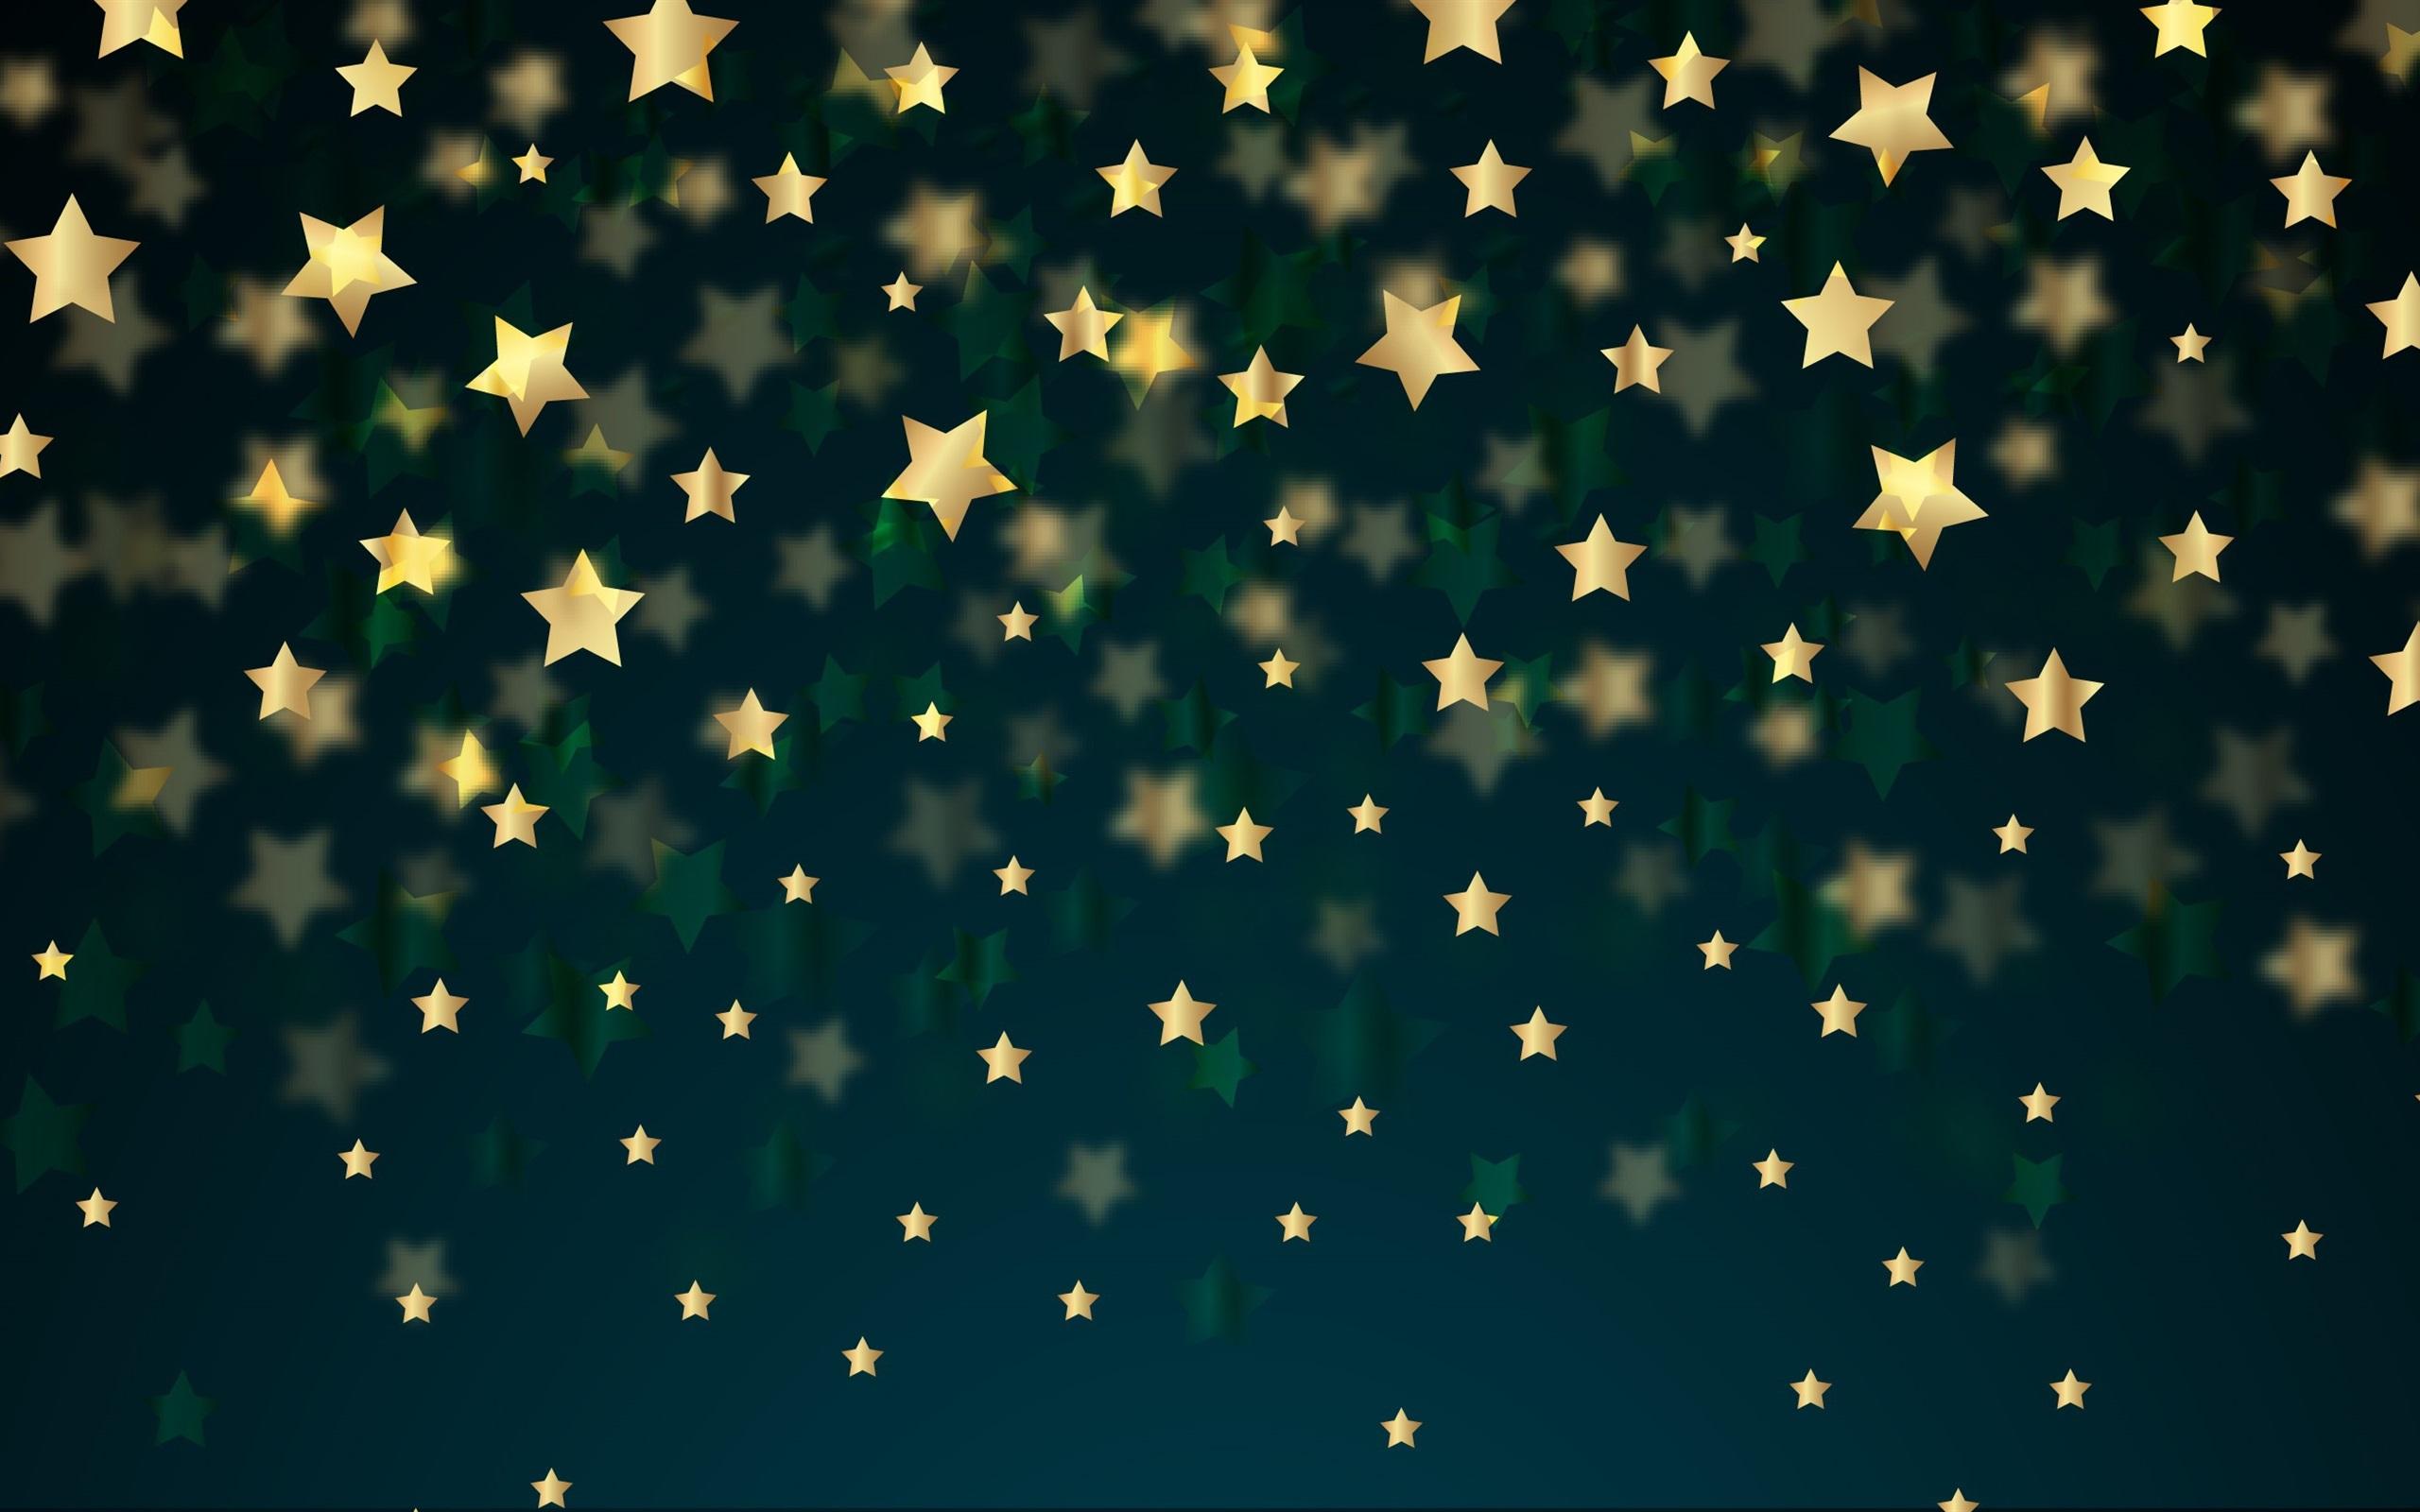 Fondos De Pantalla De Quikis: Fondos De Pantalla Fondo De Estrellas Doradas 2560x1600 HD